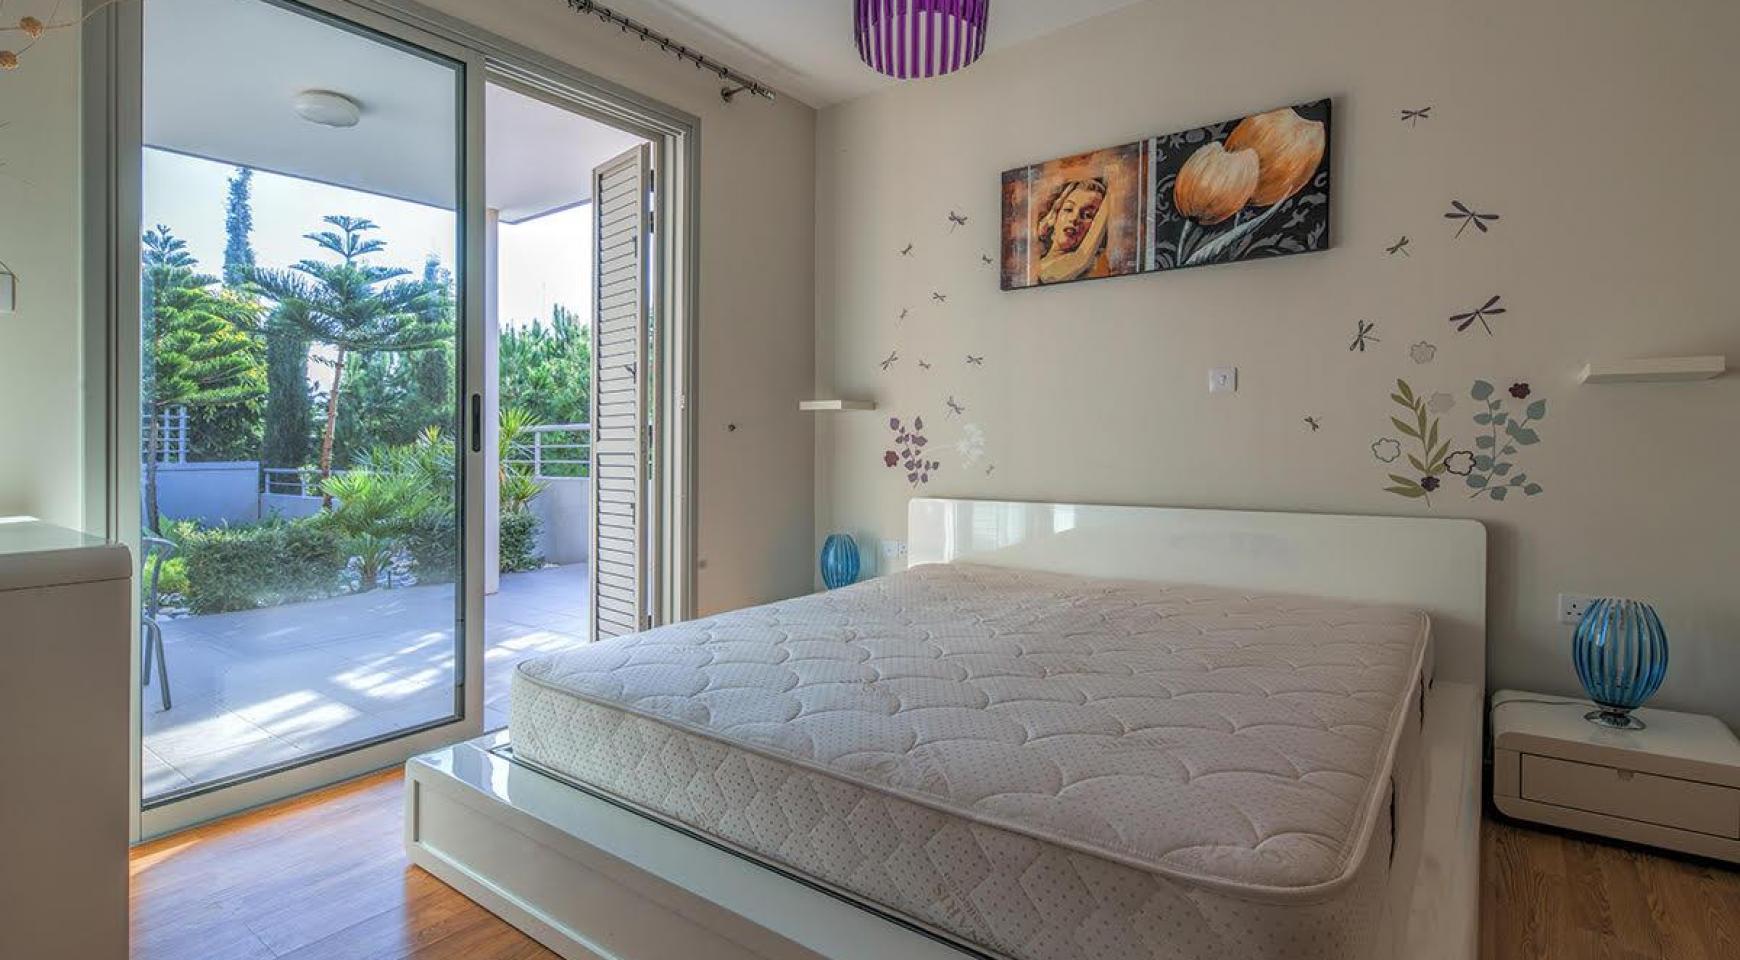 2 Bedroom Duplex Apartment in a Prestigious Complex near the Sea - 12